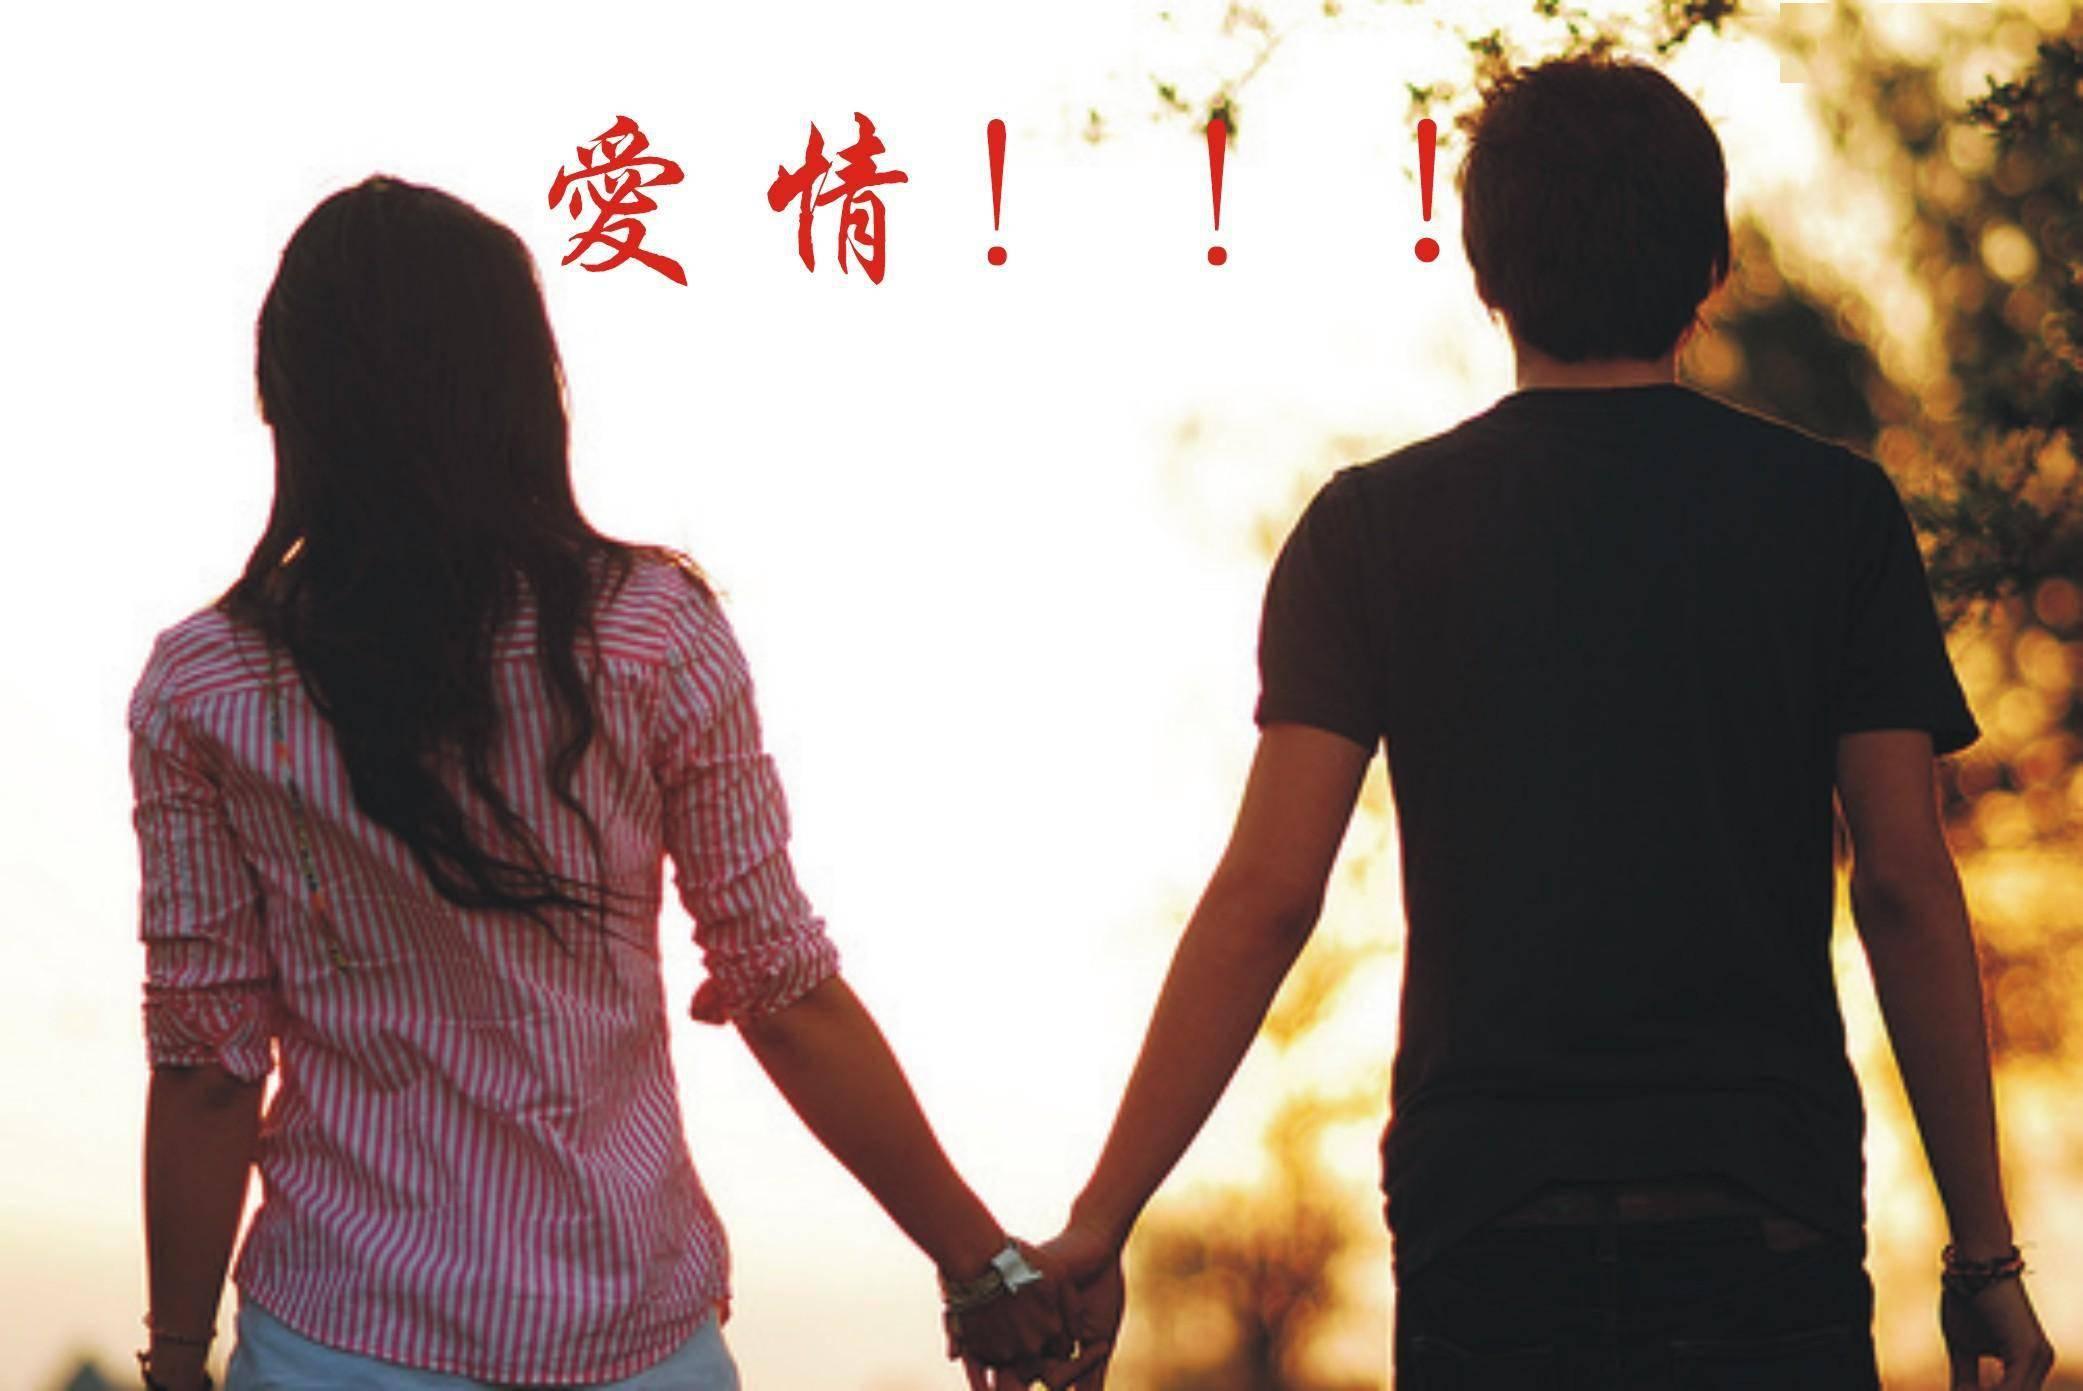 男人终身不婚的好处 终身不嫁的女人太可怕